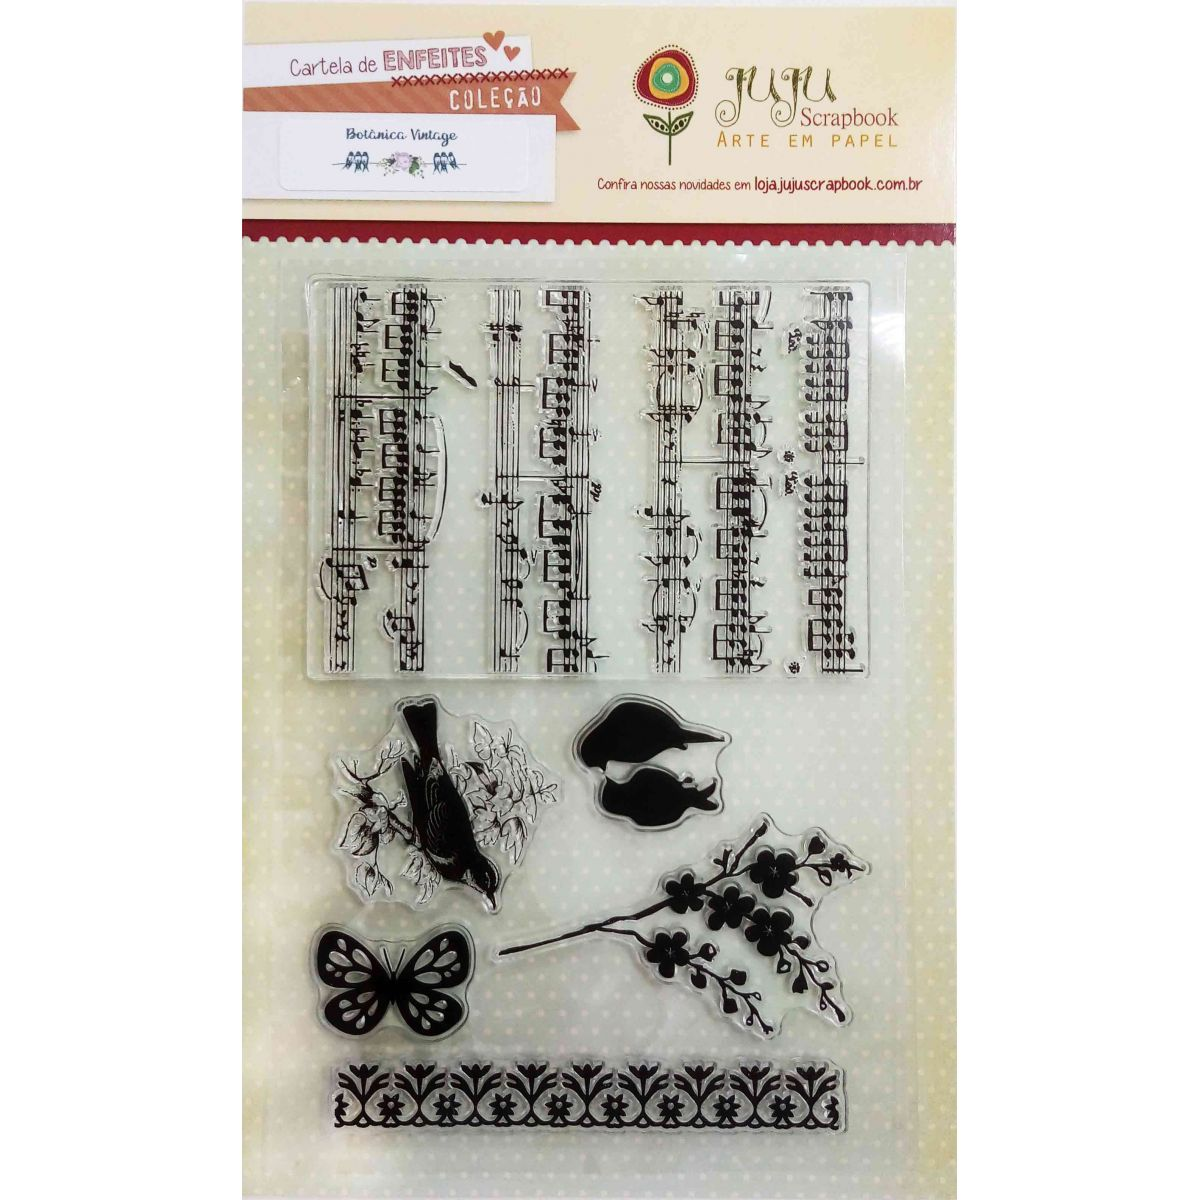 Cartela de Carimbos em Silicone - Modelo Canção dos Pássaros - Coleção Botânica Vintage / Juju Scrapbook  - JuJu Scrapbook